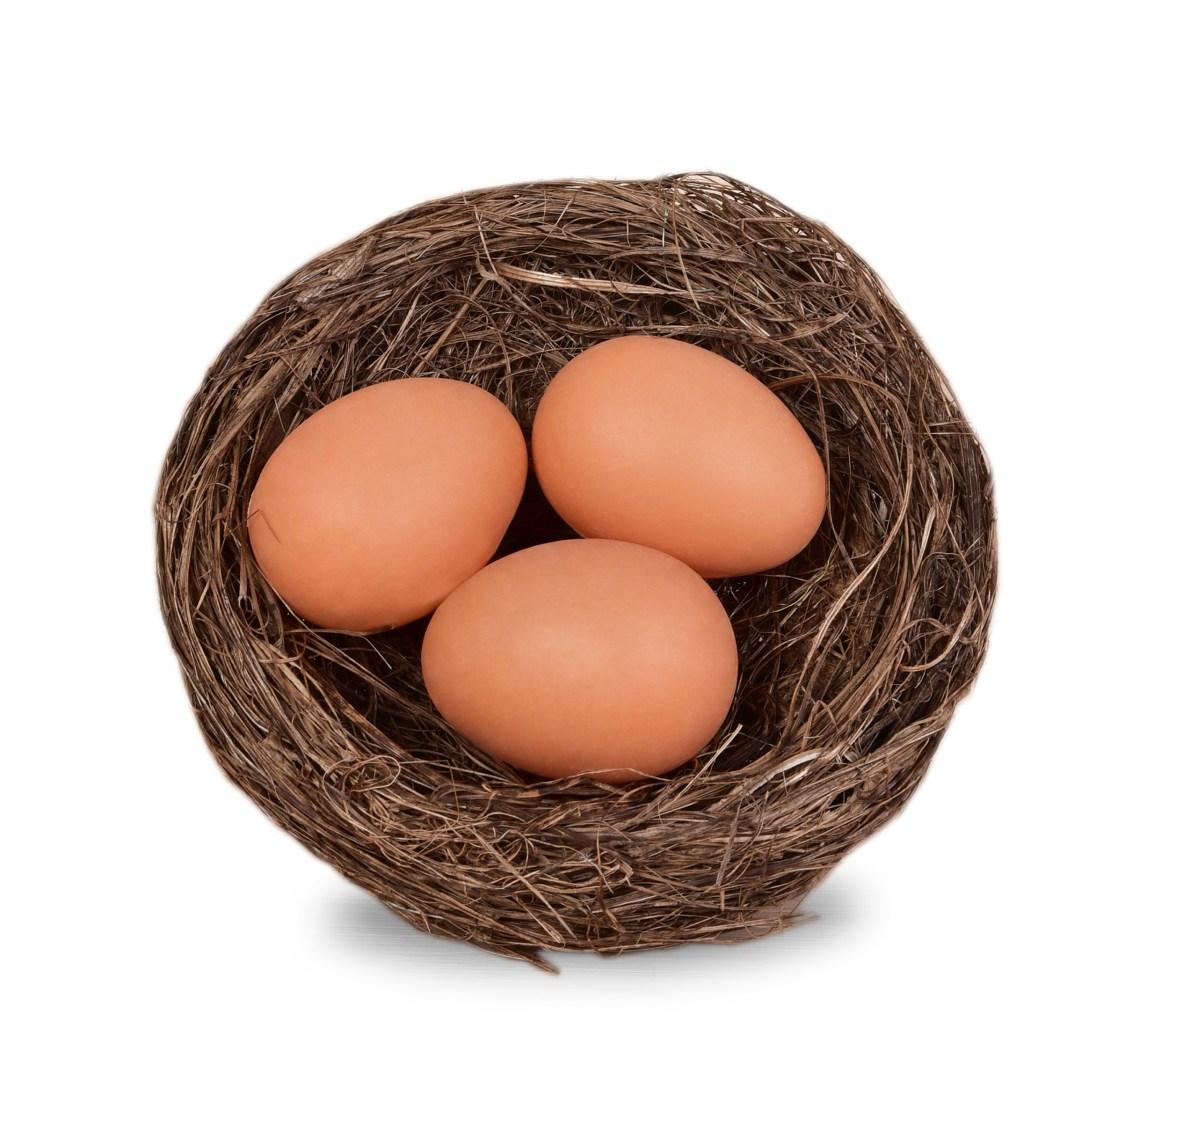 Slaměné hnízdo 15 cm, se třemi vajíčky